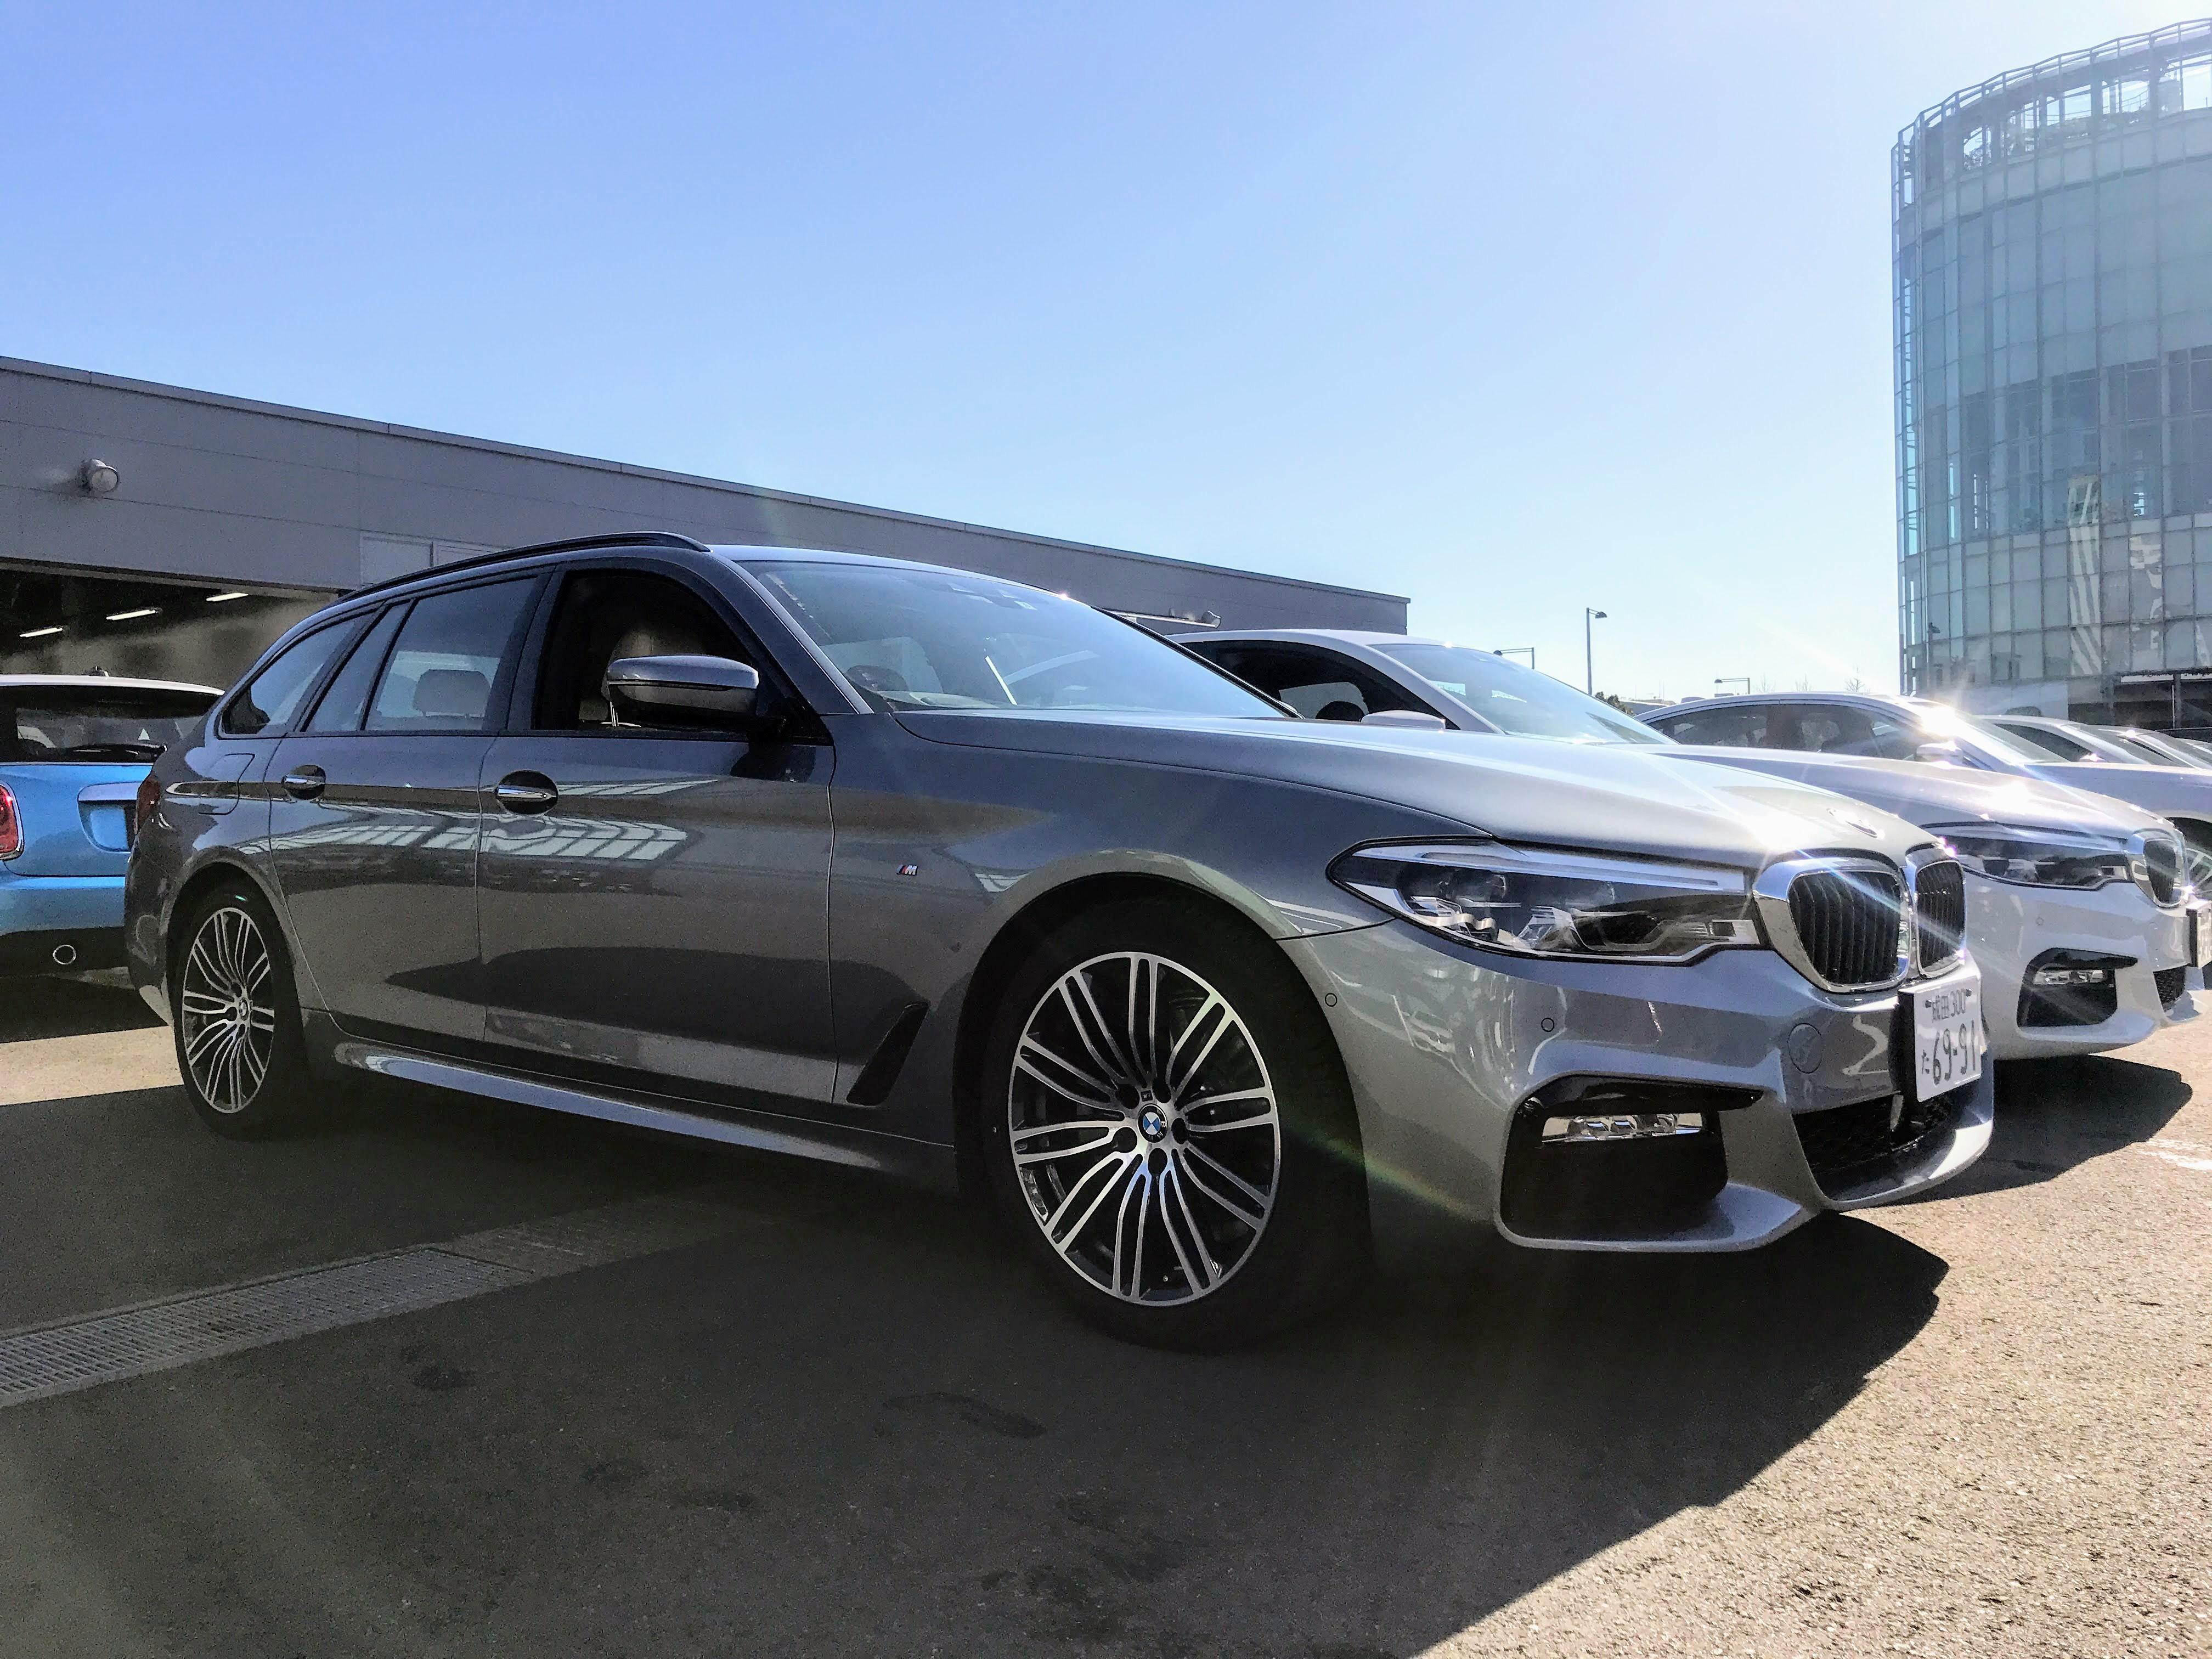 新型BMW5シリーズツーリング(G31)523d M Sport試乗レビュー^^【BMW GROUP TOKYO BAY 初訪問編・試乗レポート】vol.2